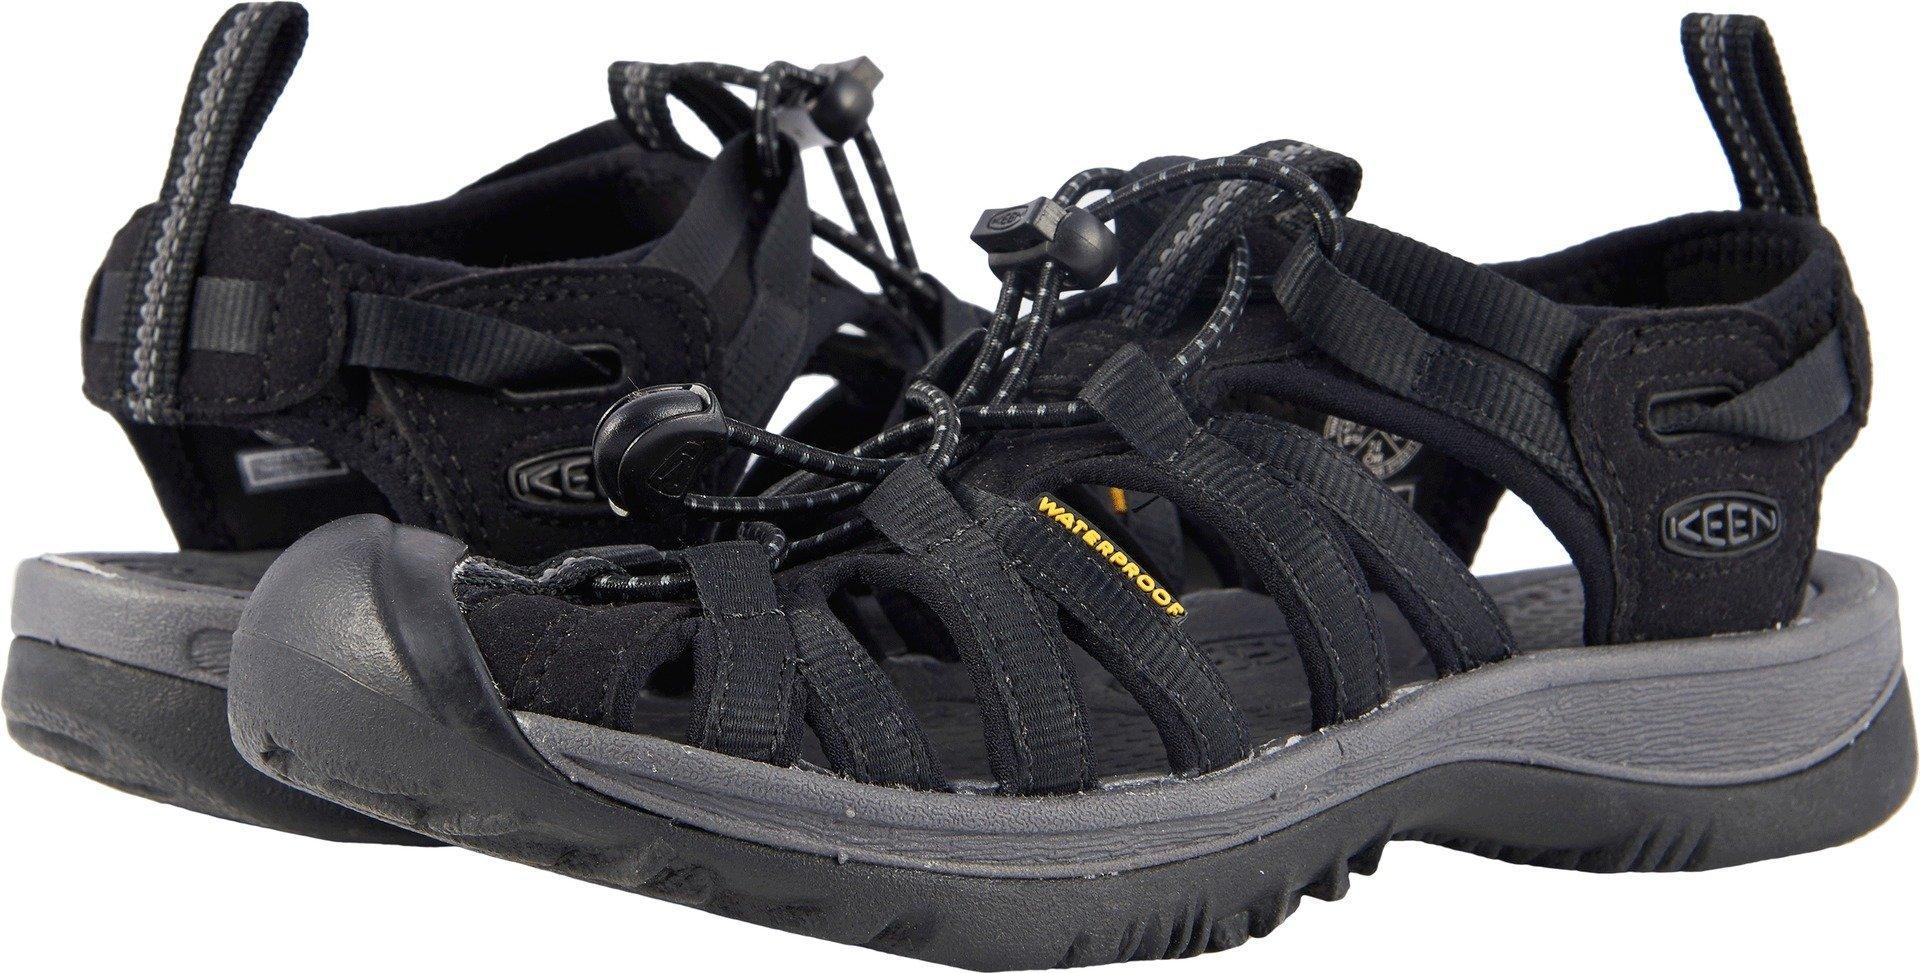 KEEN Women's Whisper-W Sandal, Black/Magnet, 11 M US